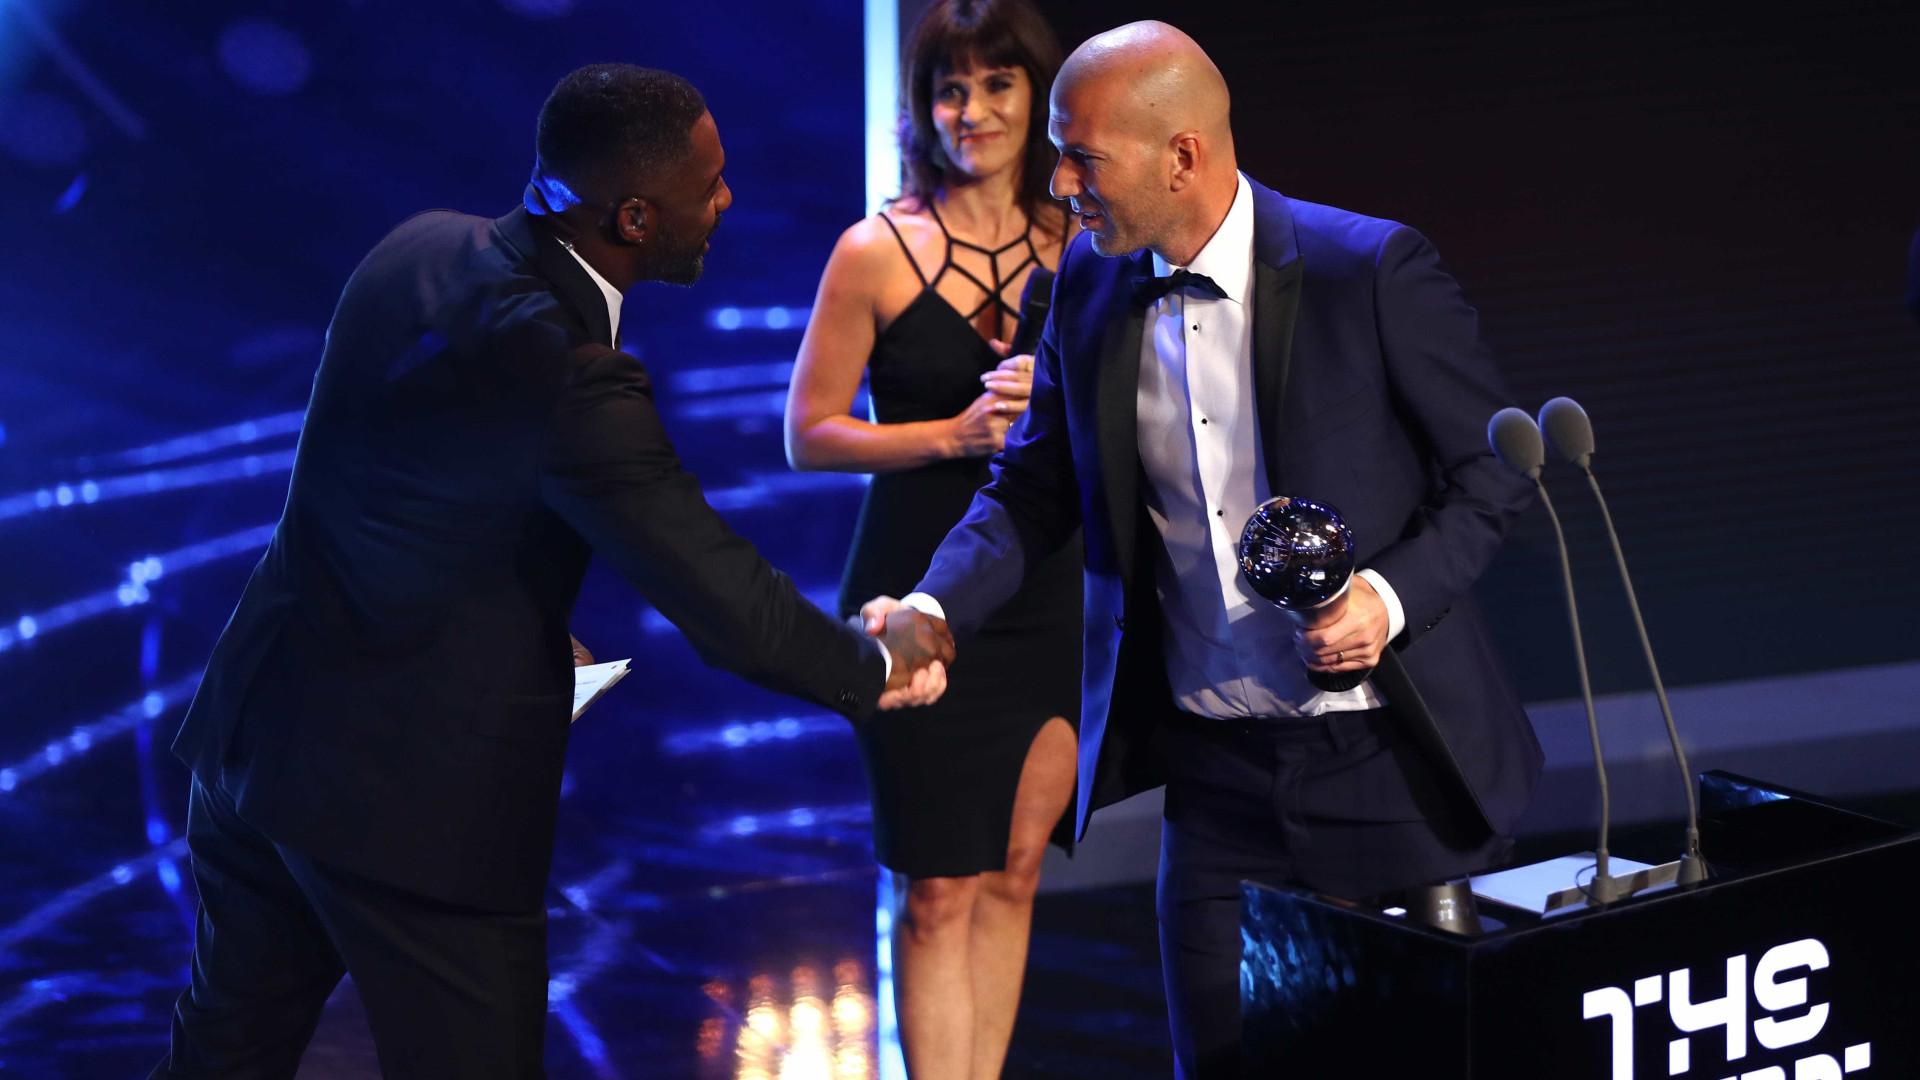 Zidane é eleito pela FIFA o melhor treinador do mundo em 2017